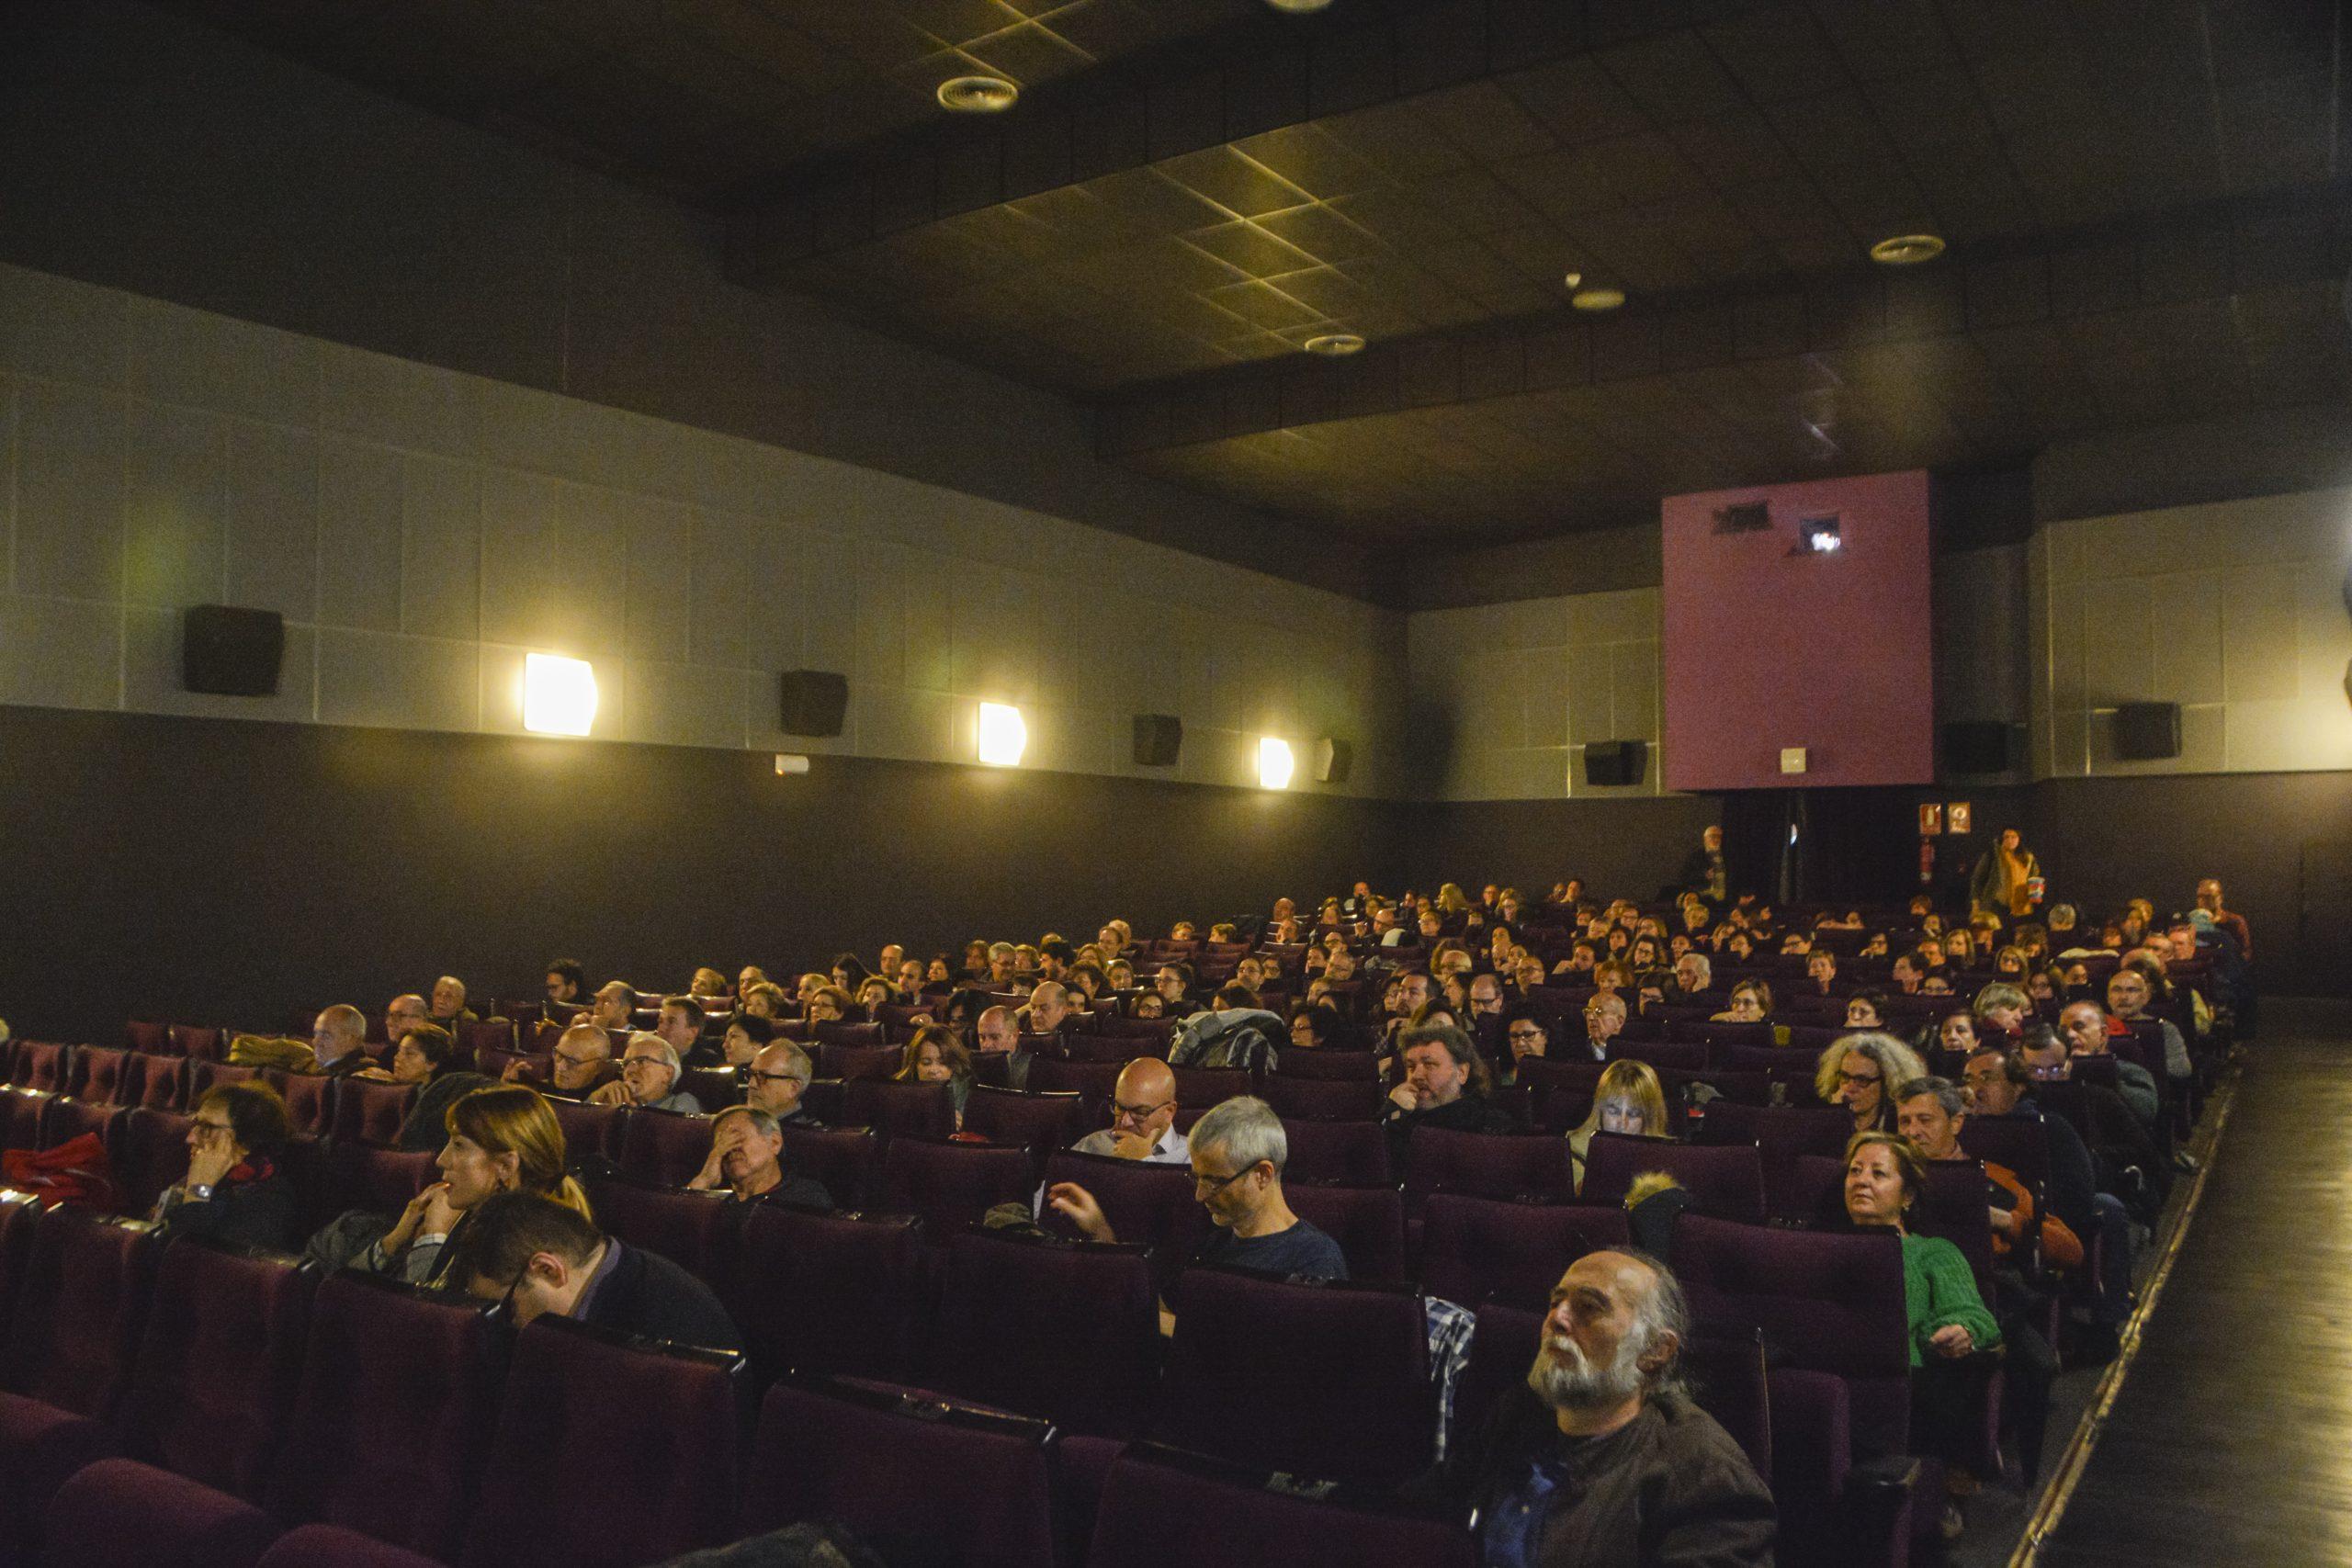 El público llenó las salas durante la Semana de Cine de Cuenca